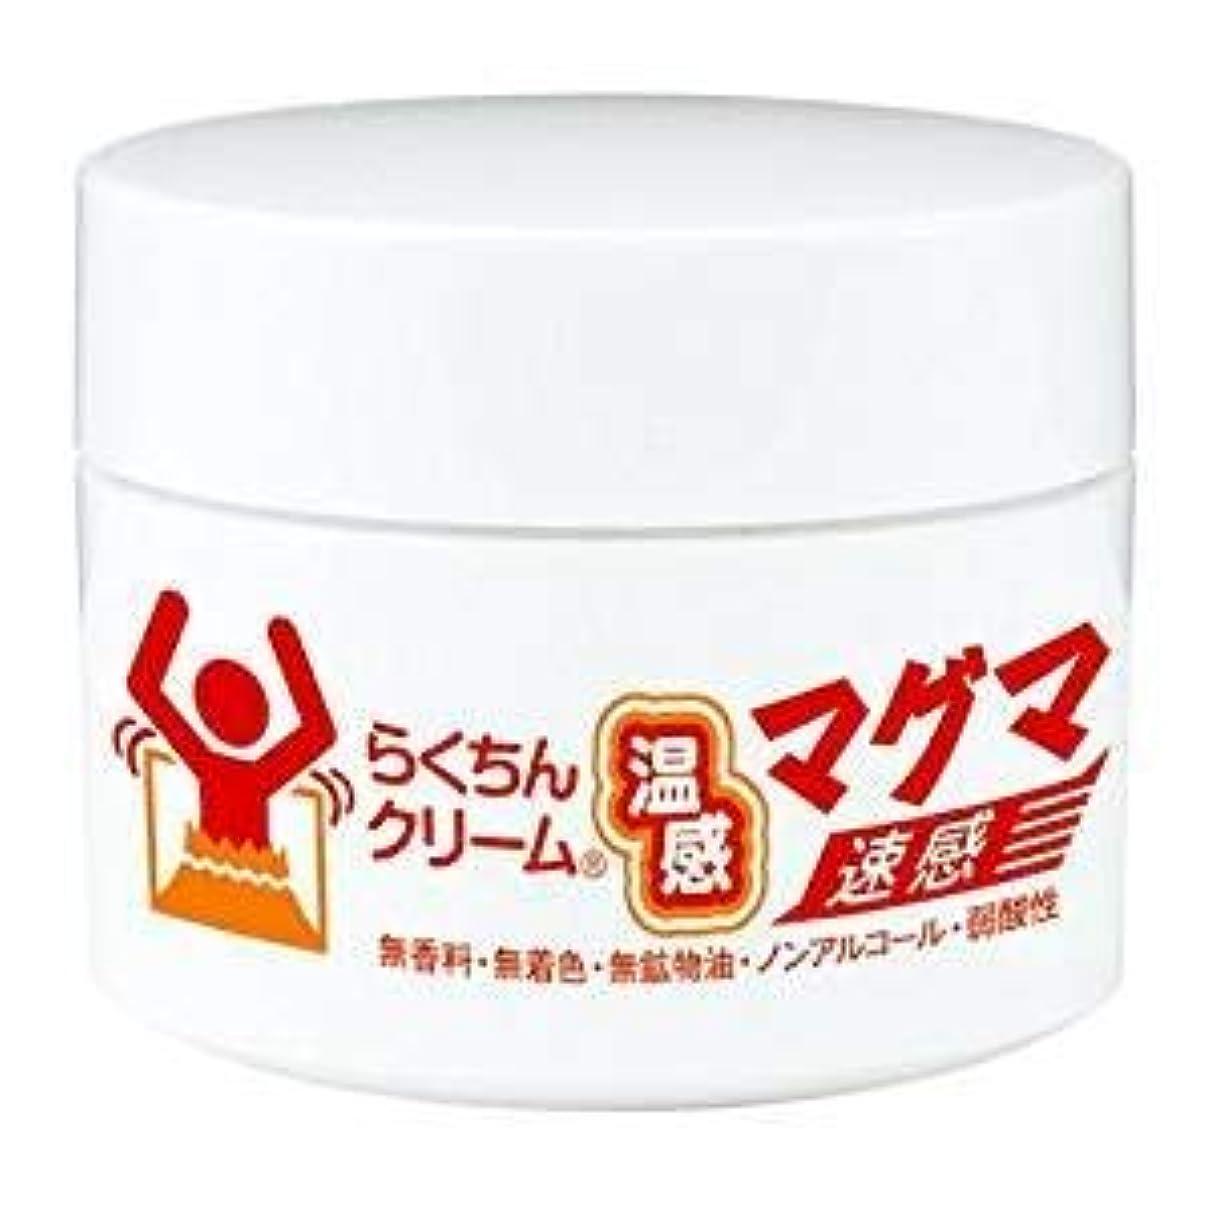 スイッチウールインチらくちんクリーム温感マグマ速感 全国1200店舗の体のプロが使用するクリーム。